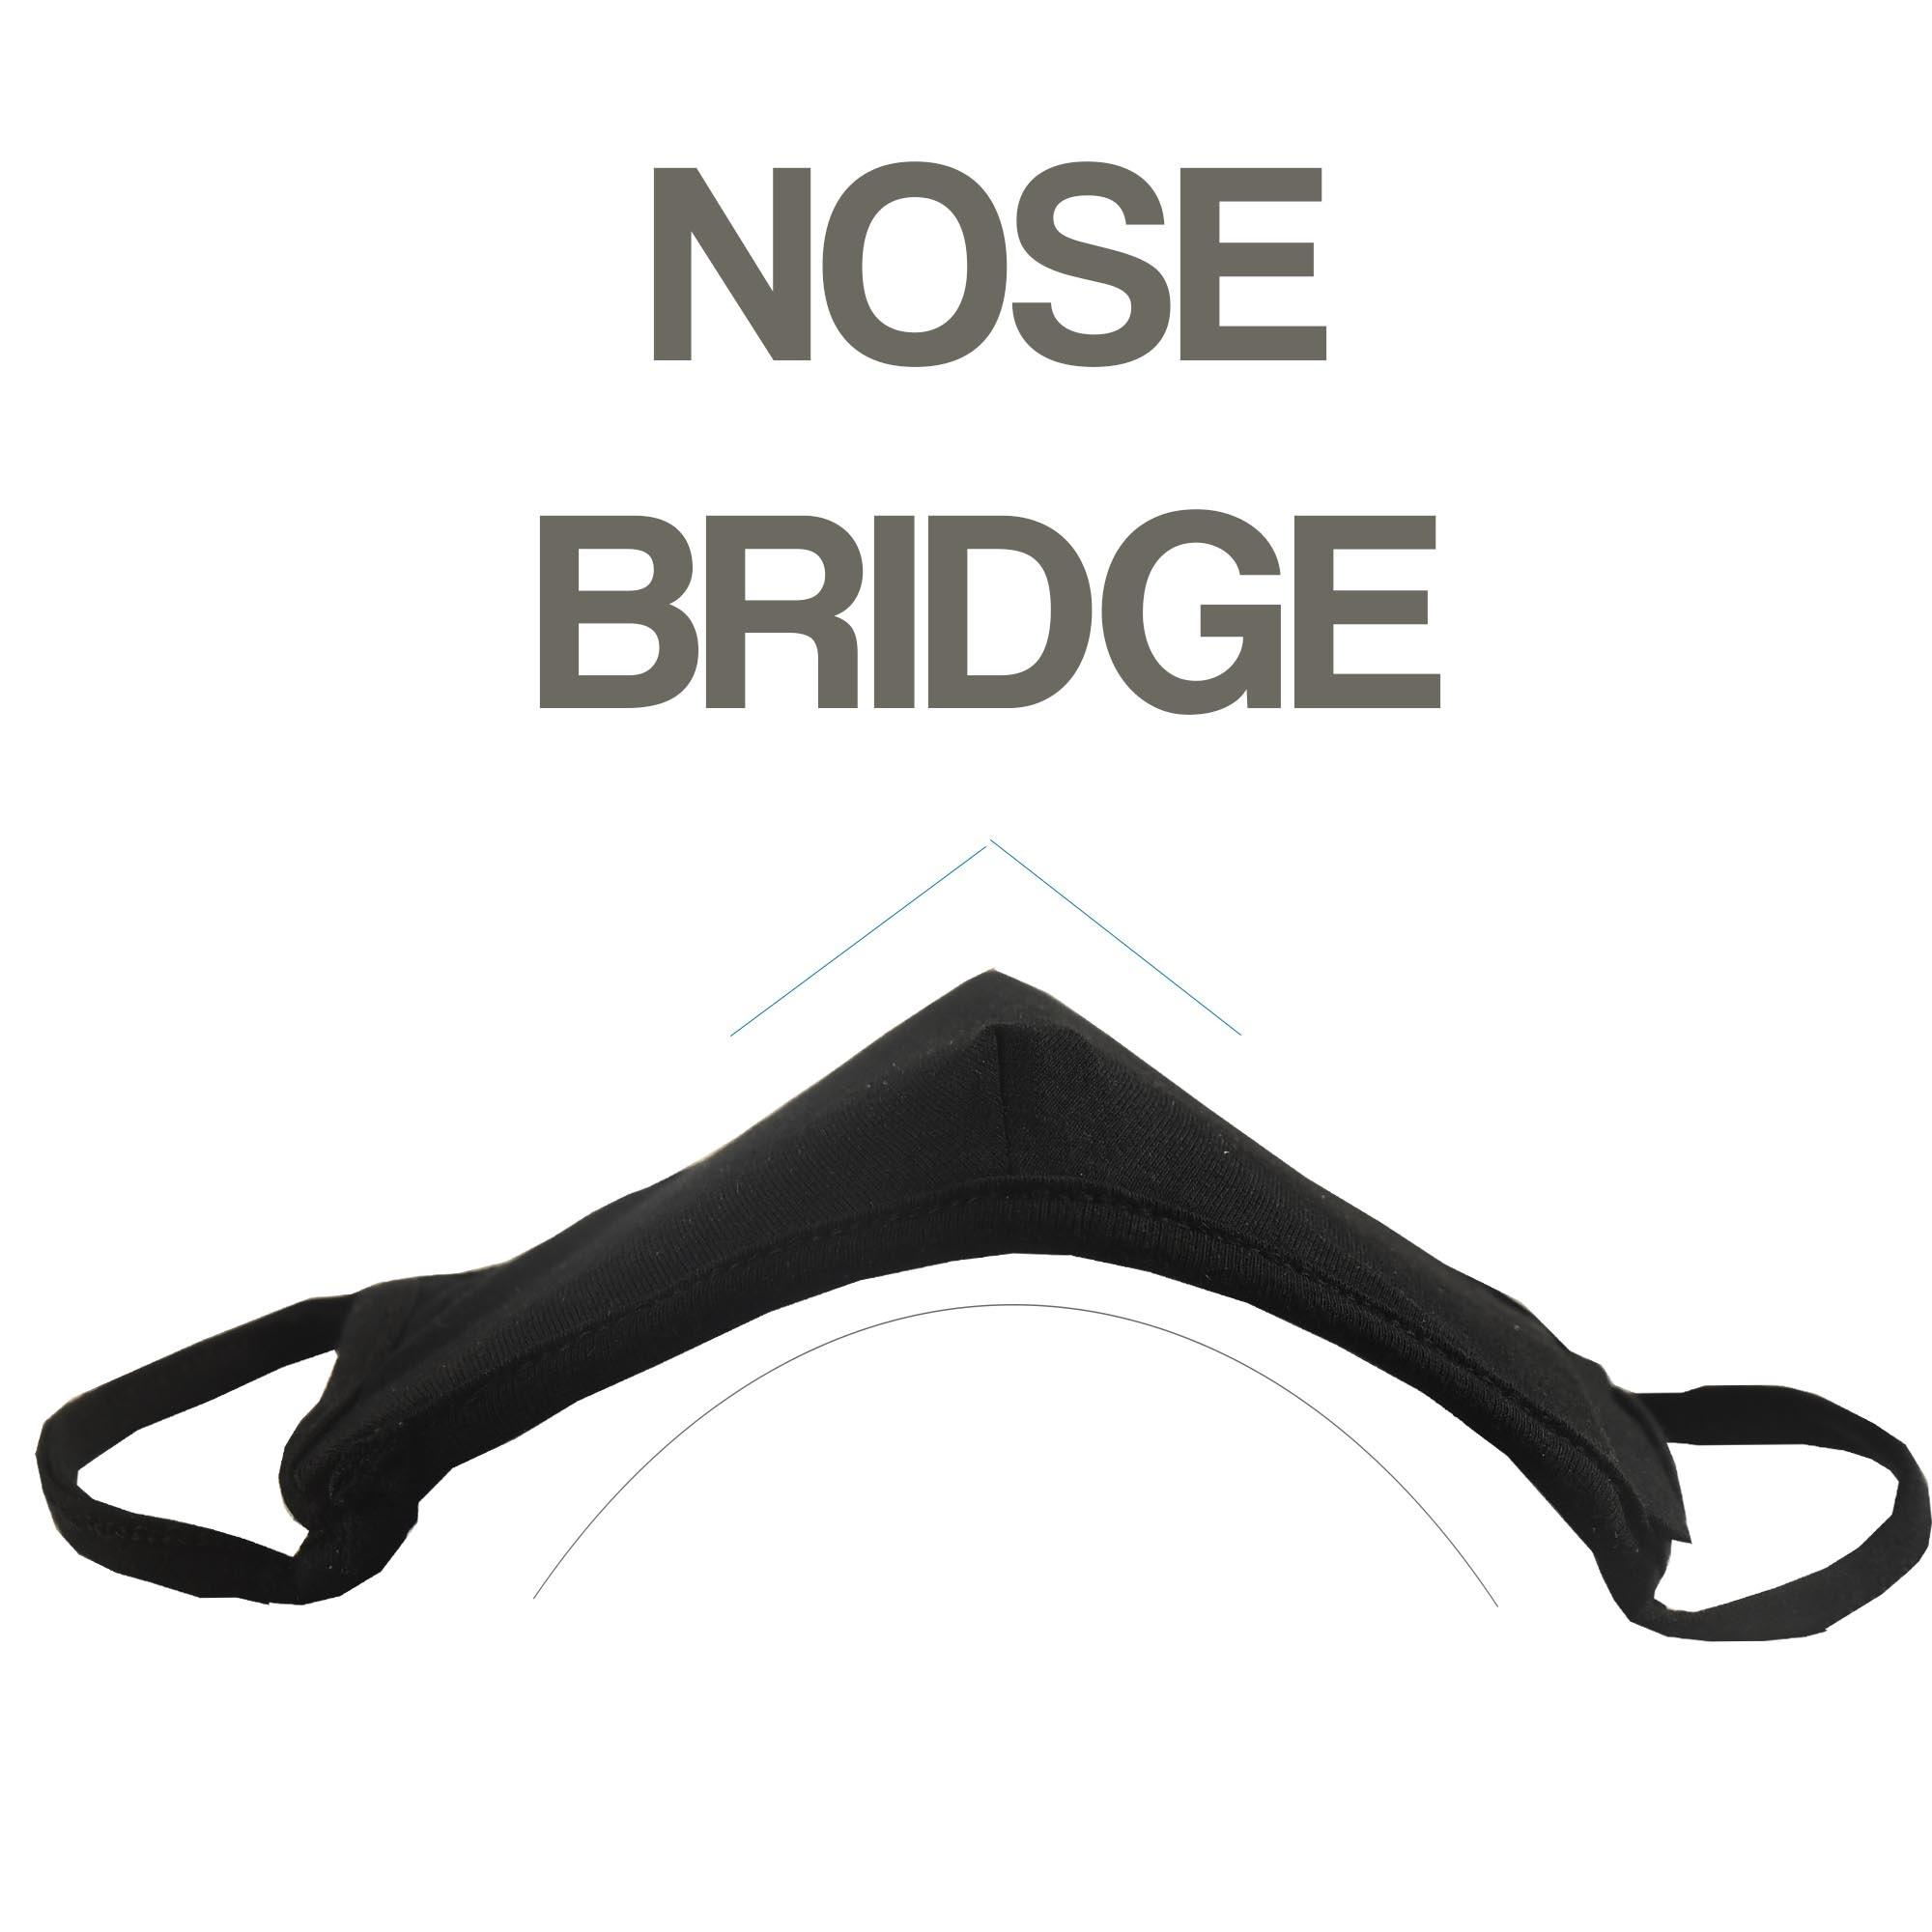 NOSE BRIDGE